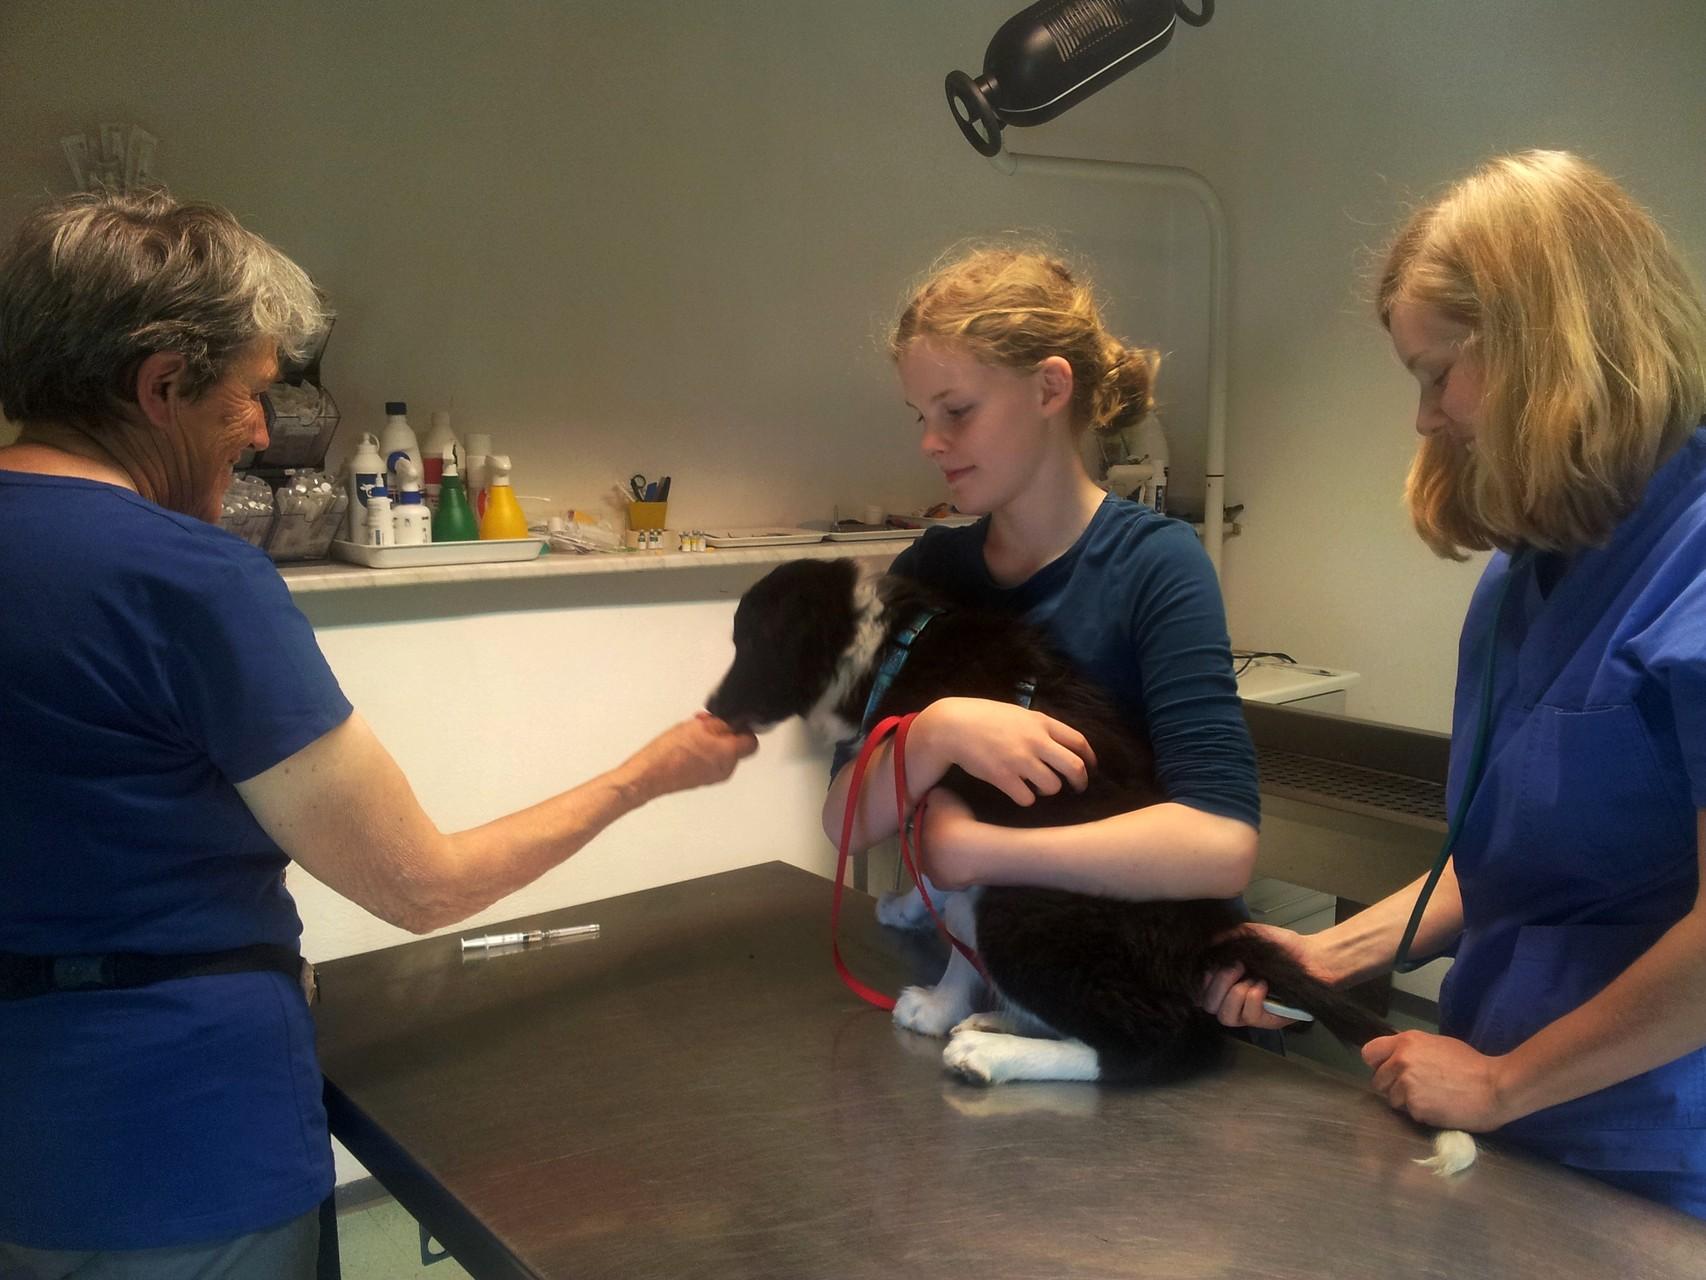 2. Untersuchung beim Tierarzt